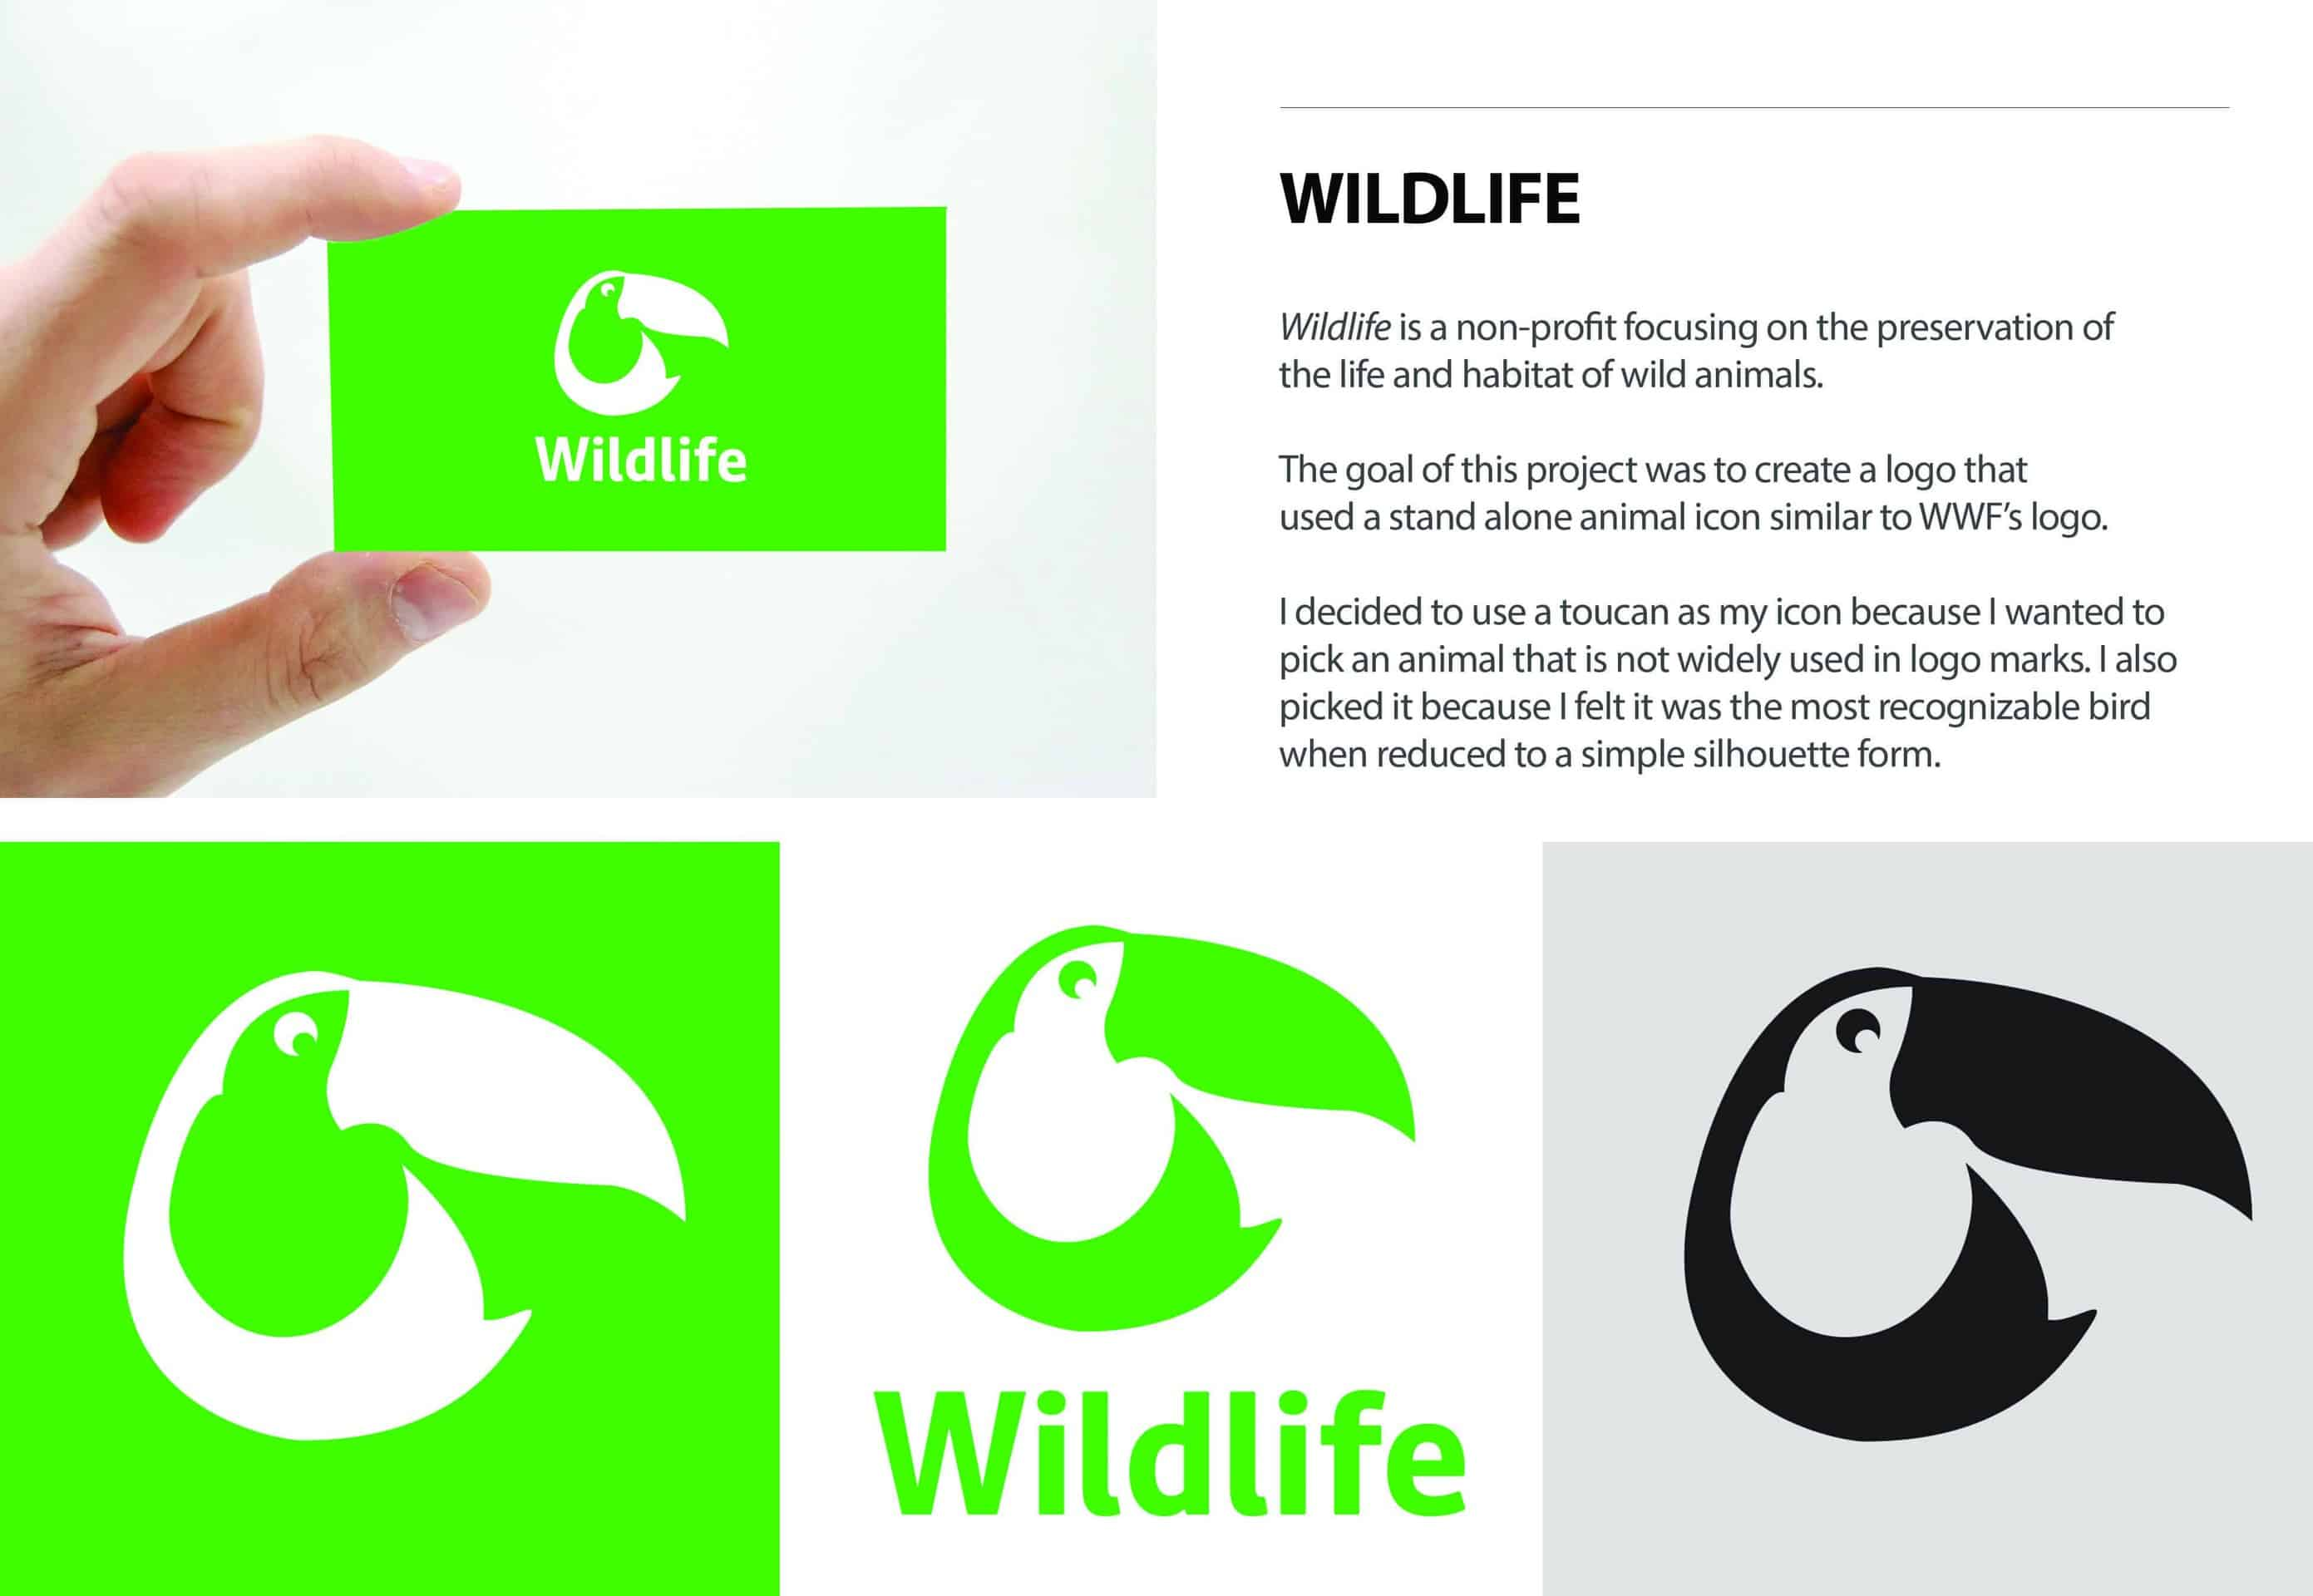 dc13a1b541e8d Wildlife Identity Design Concept - Design Ideas